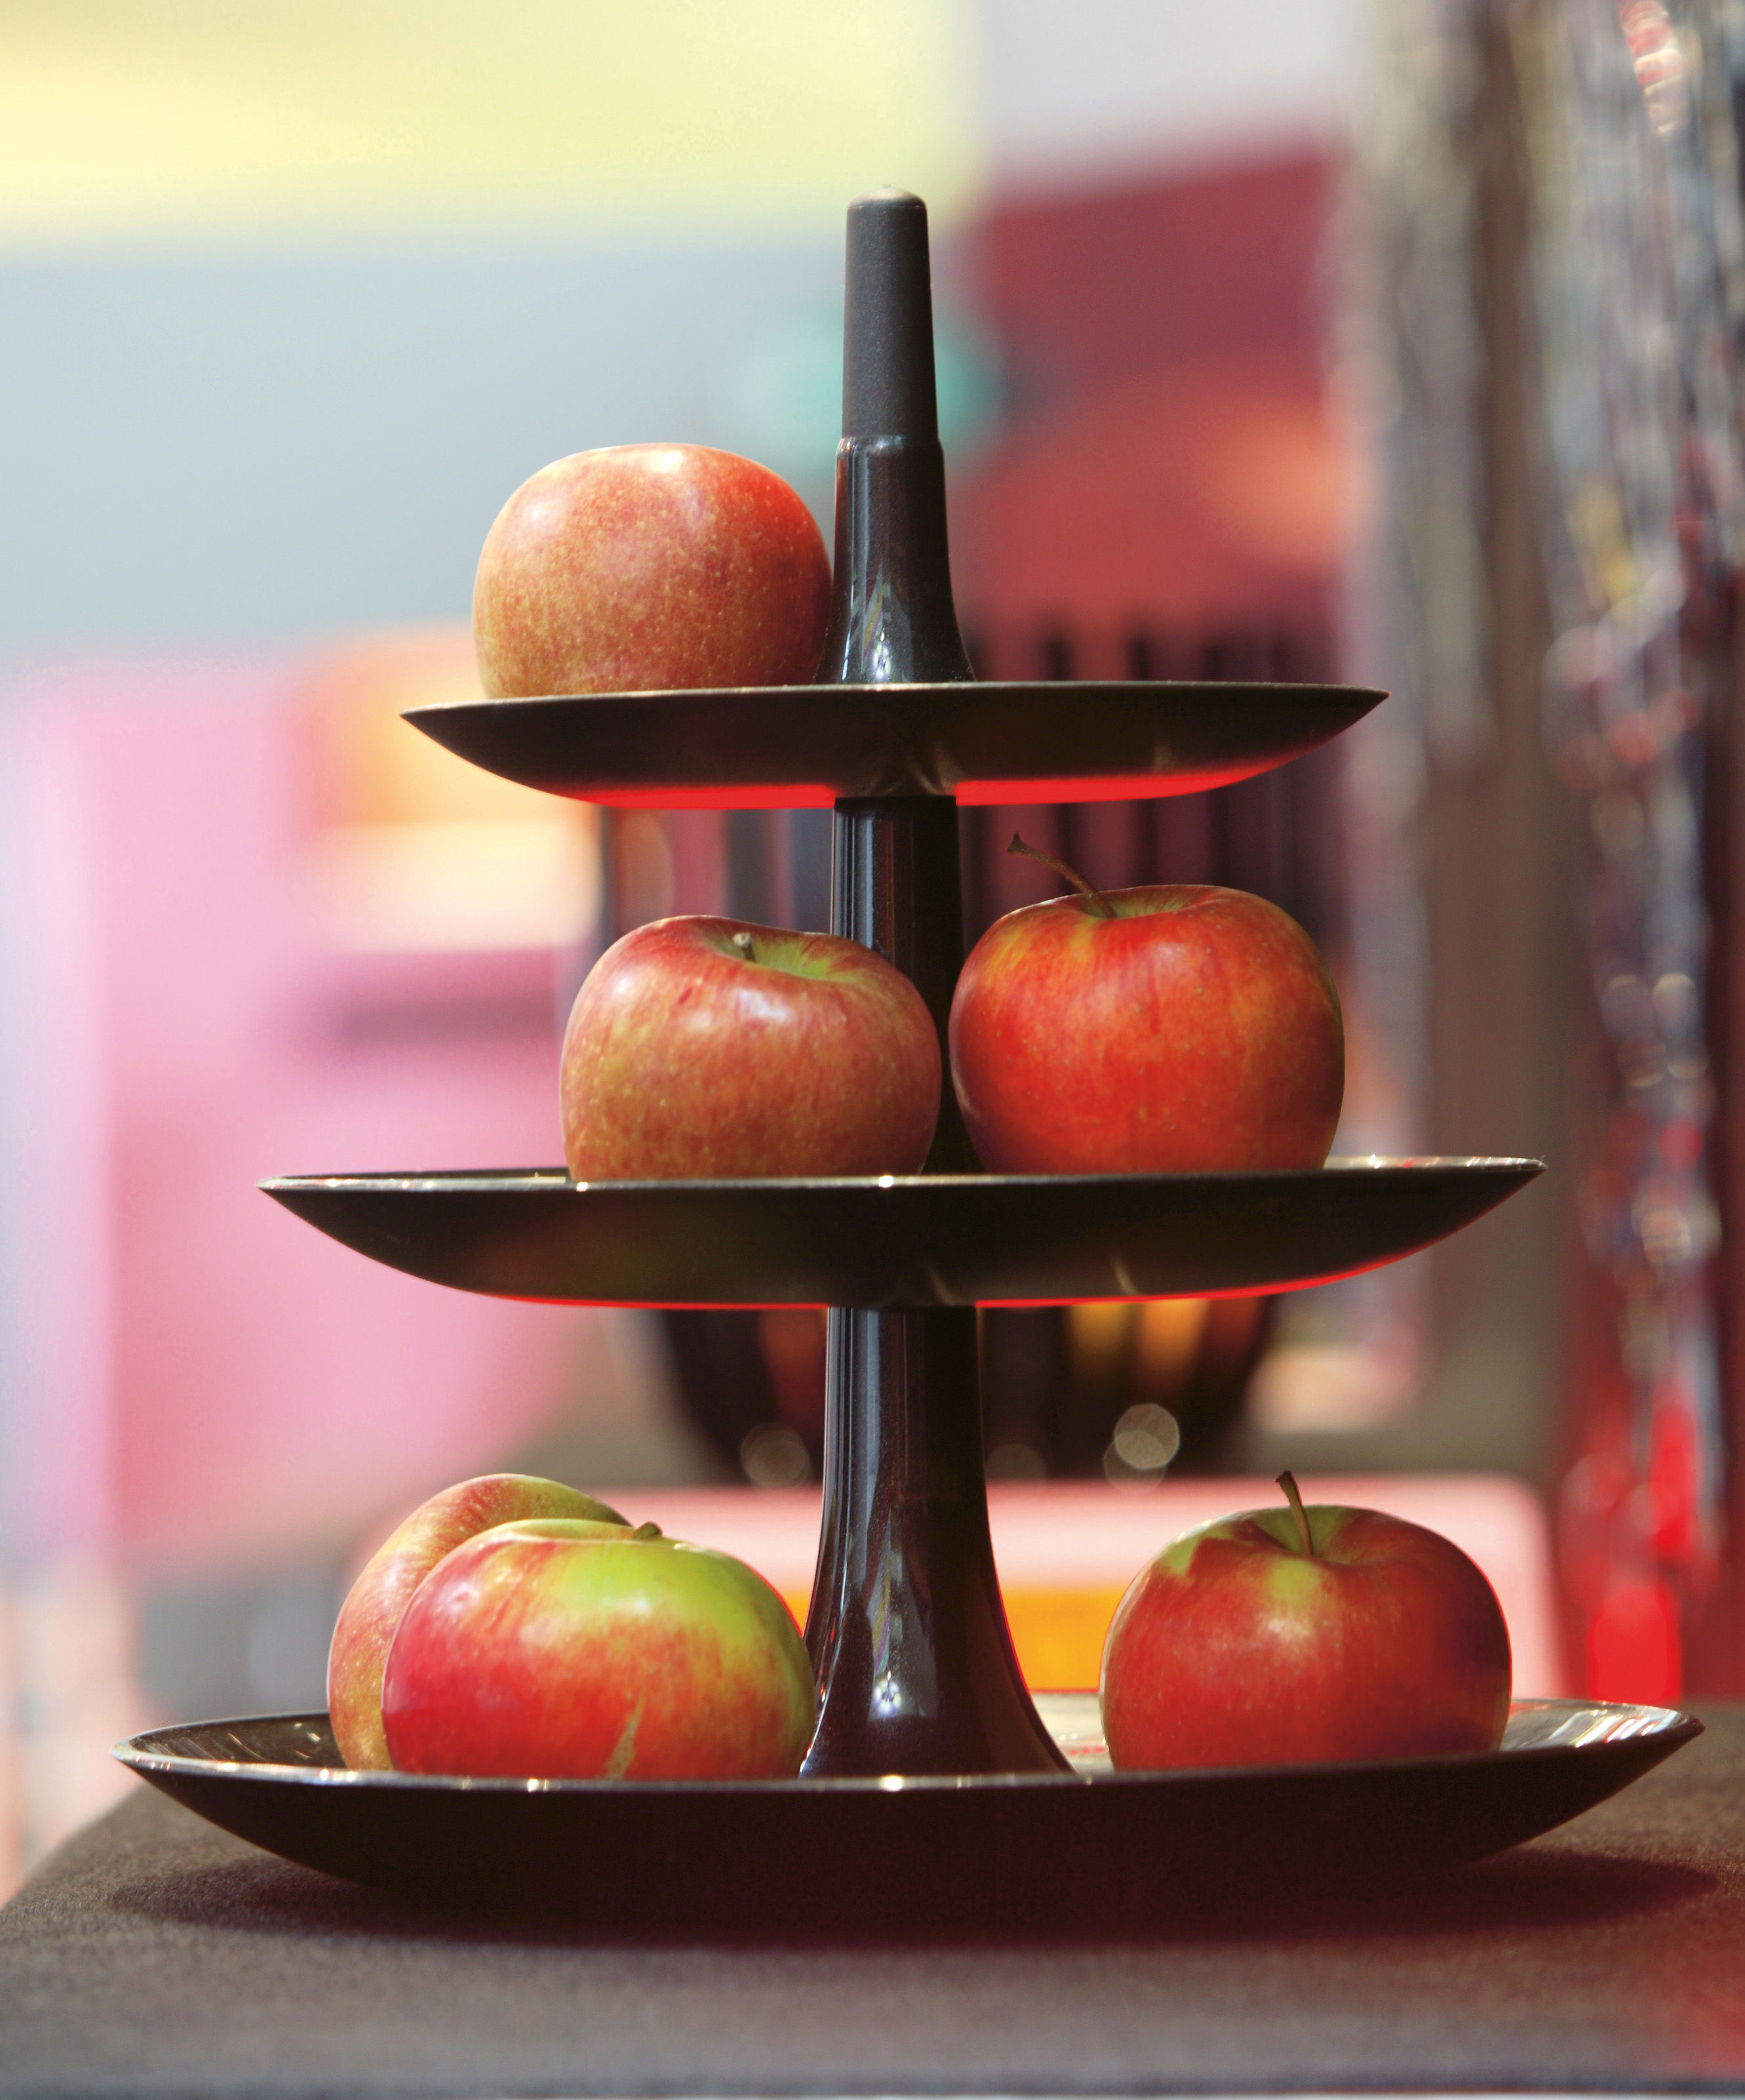 porte fruits babell vert pomme koziol. Black Bedroom Furniture Sets. Home Design Ideas